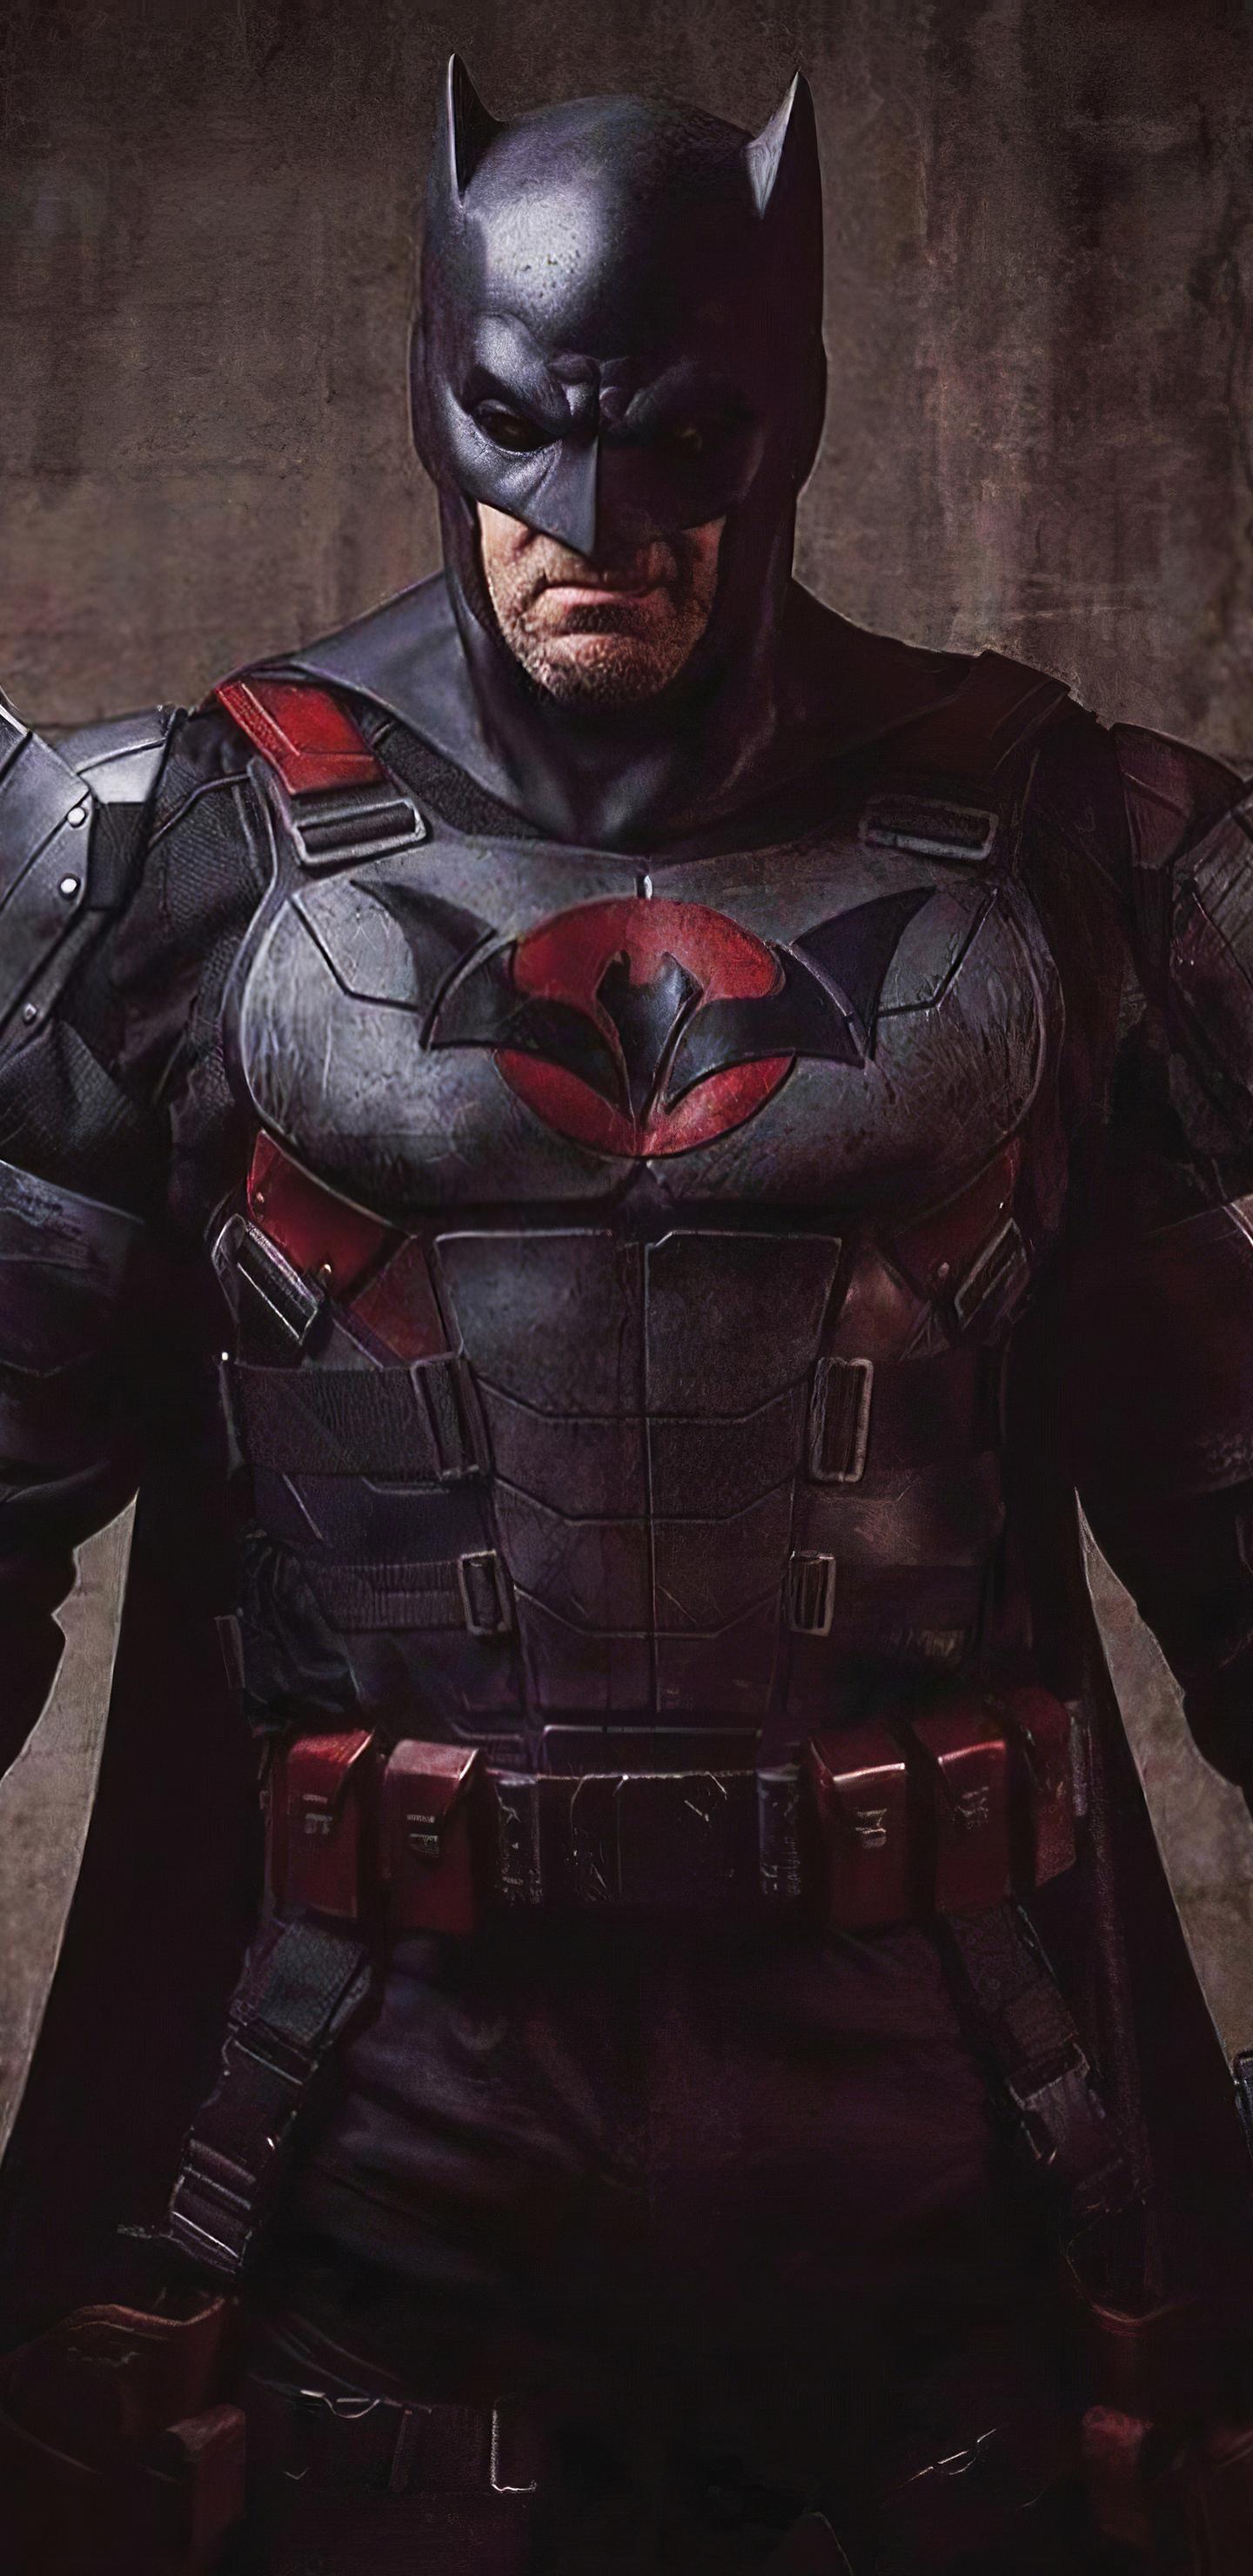 batman-cosplay-4k-2020-z5.jpg